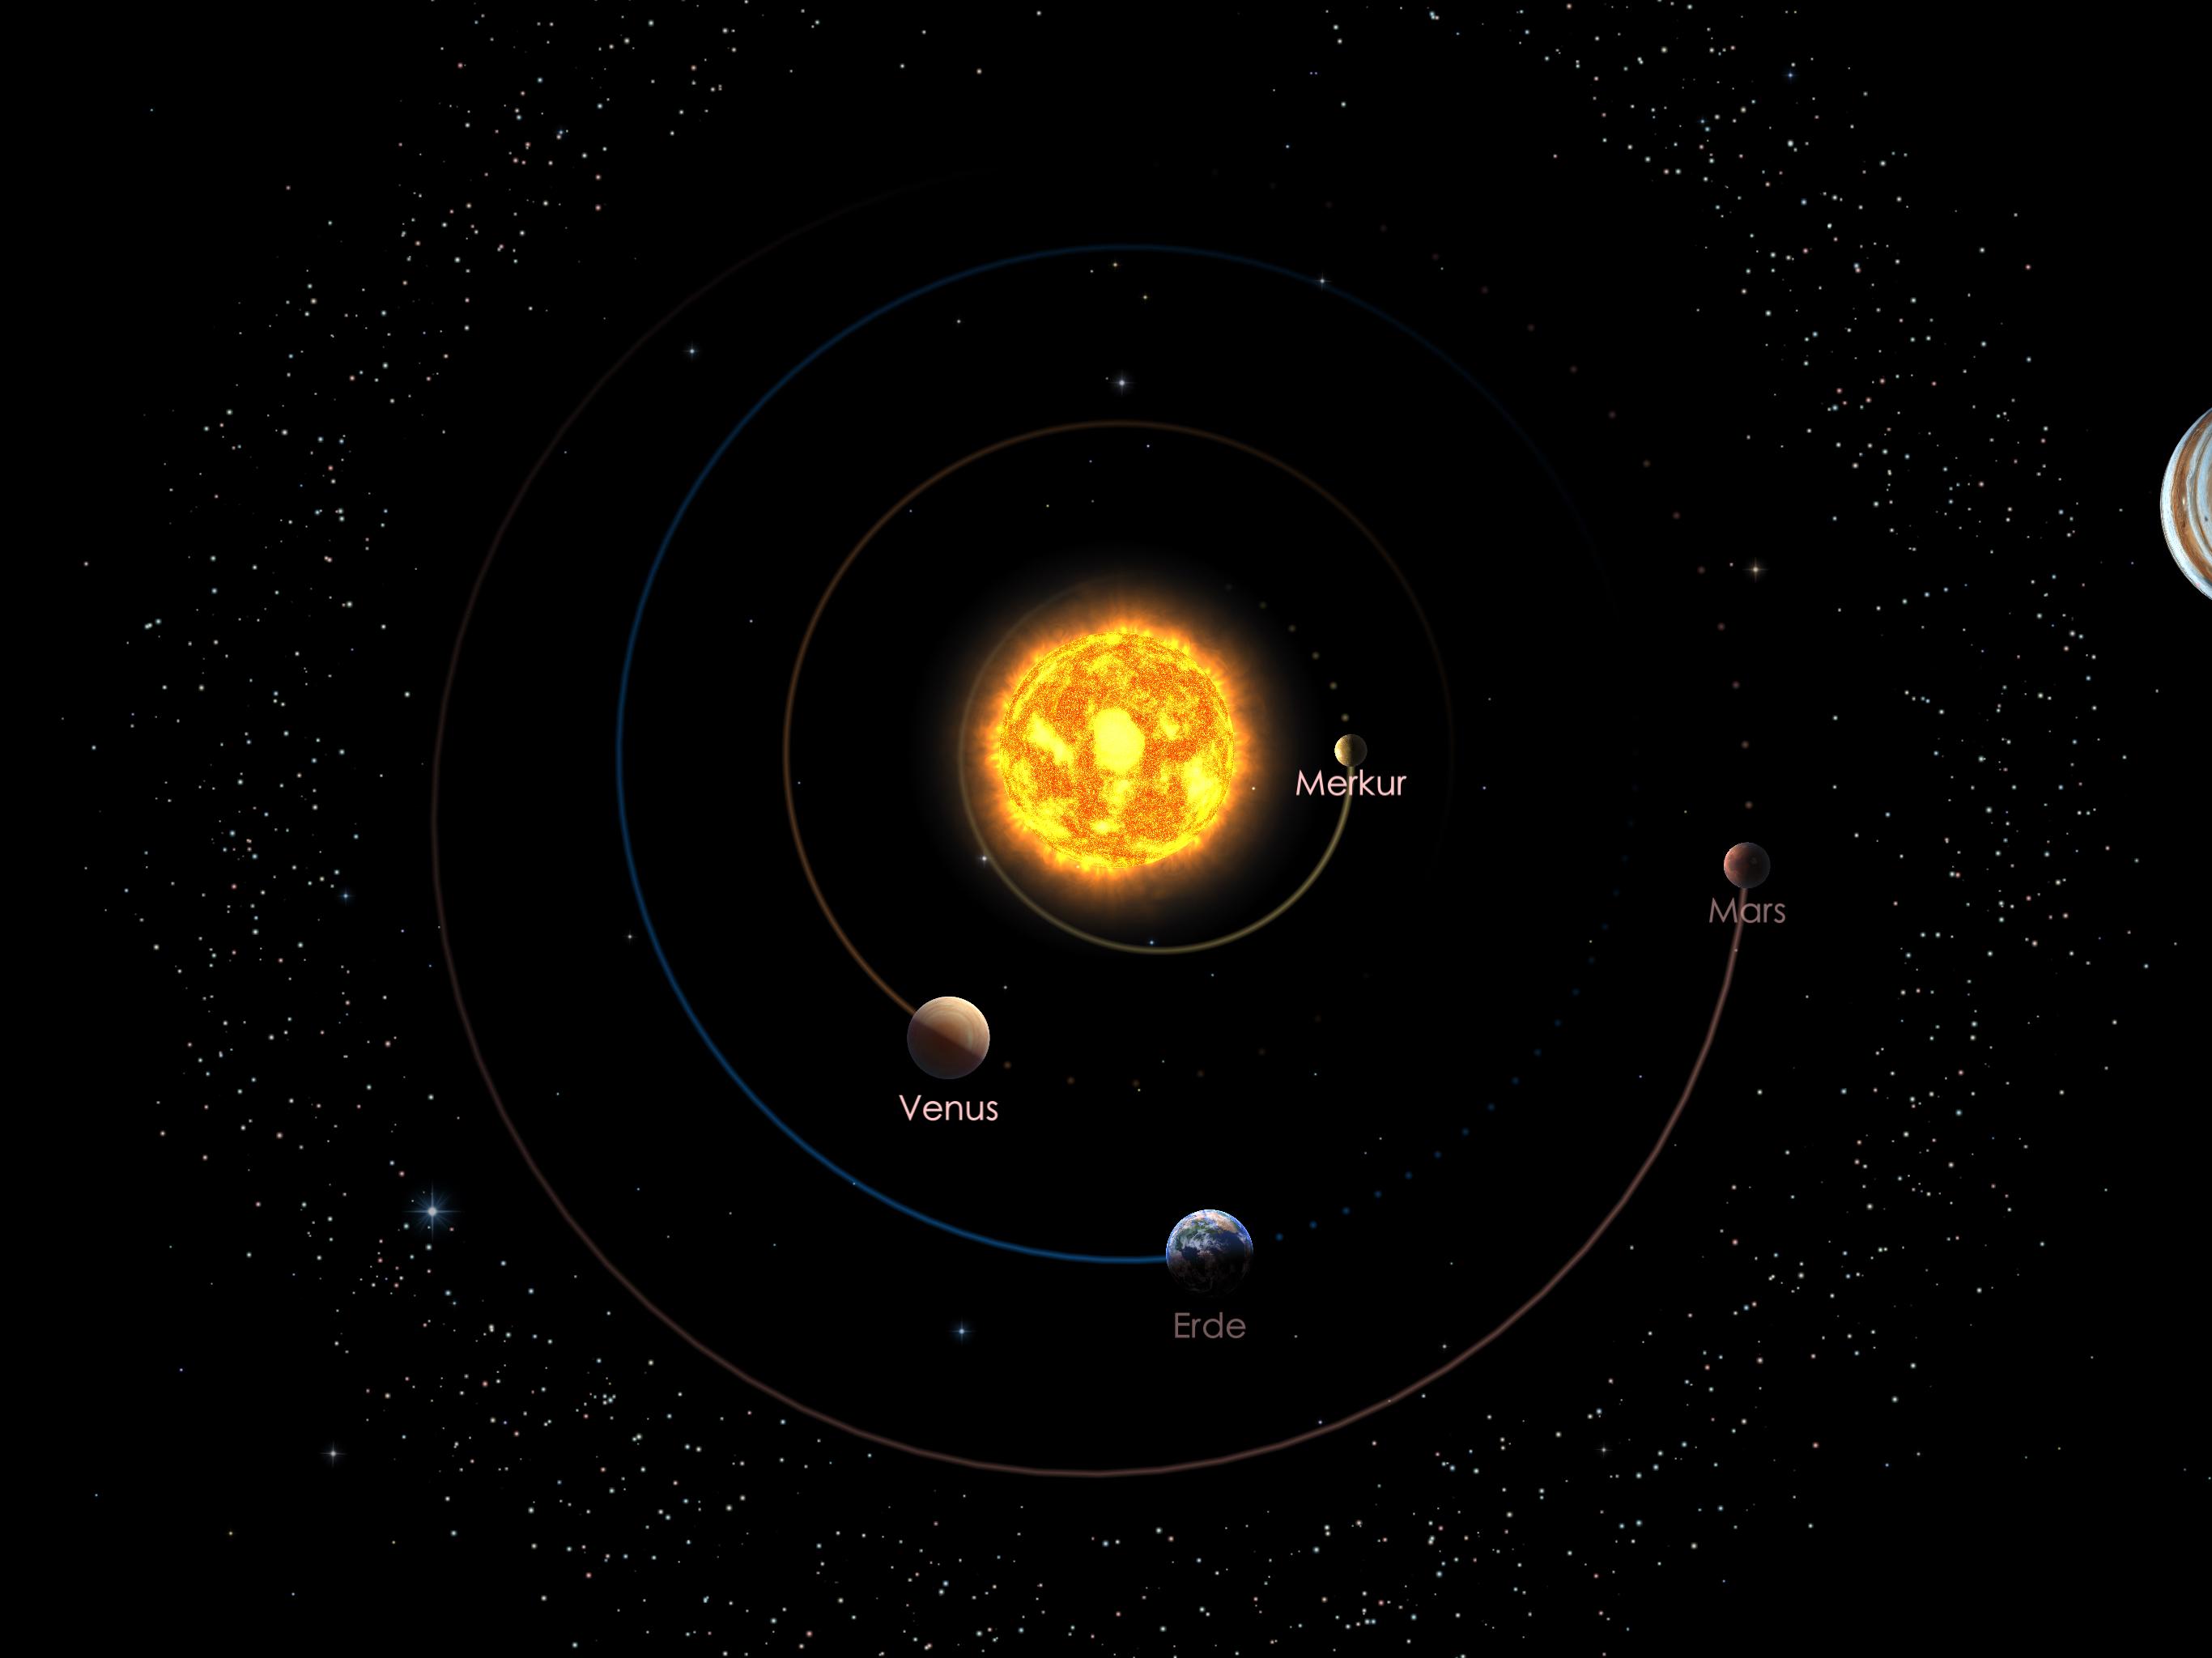 Die Positionen der inneren Planeten am 01.04.20